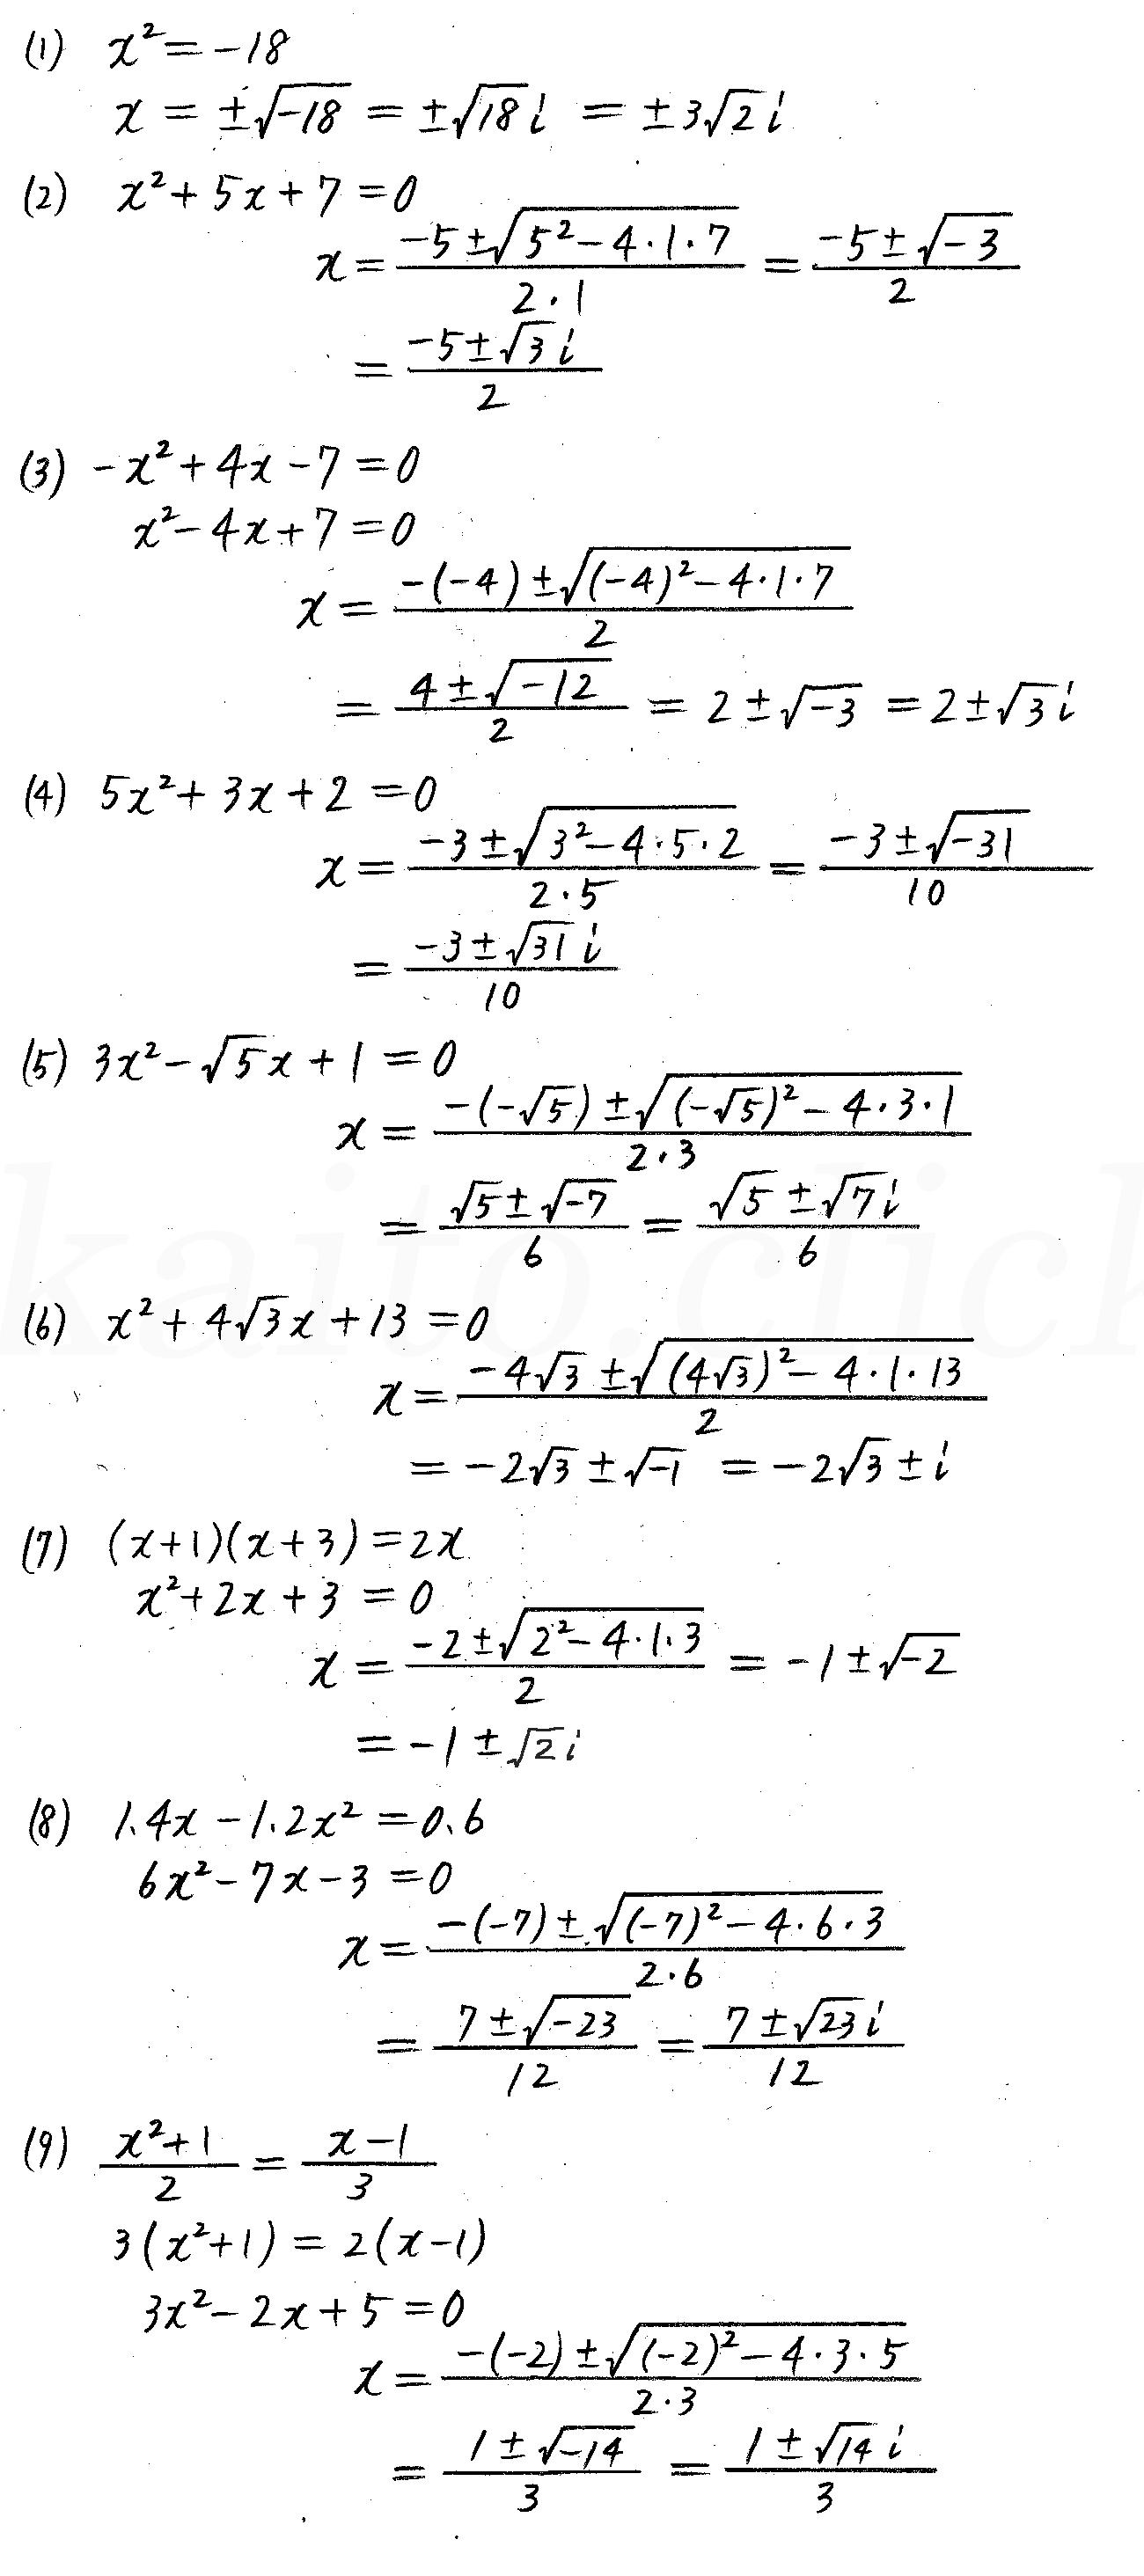 4STEP数学2-85解答